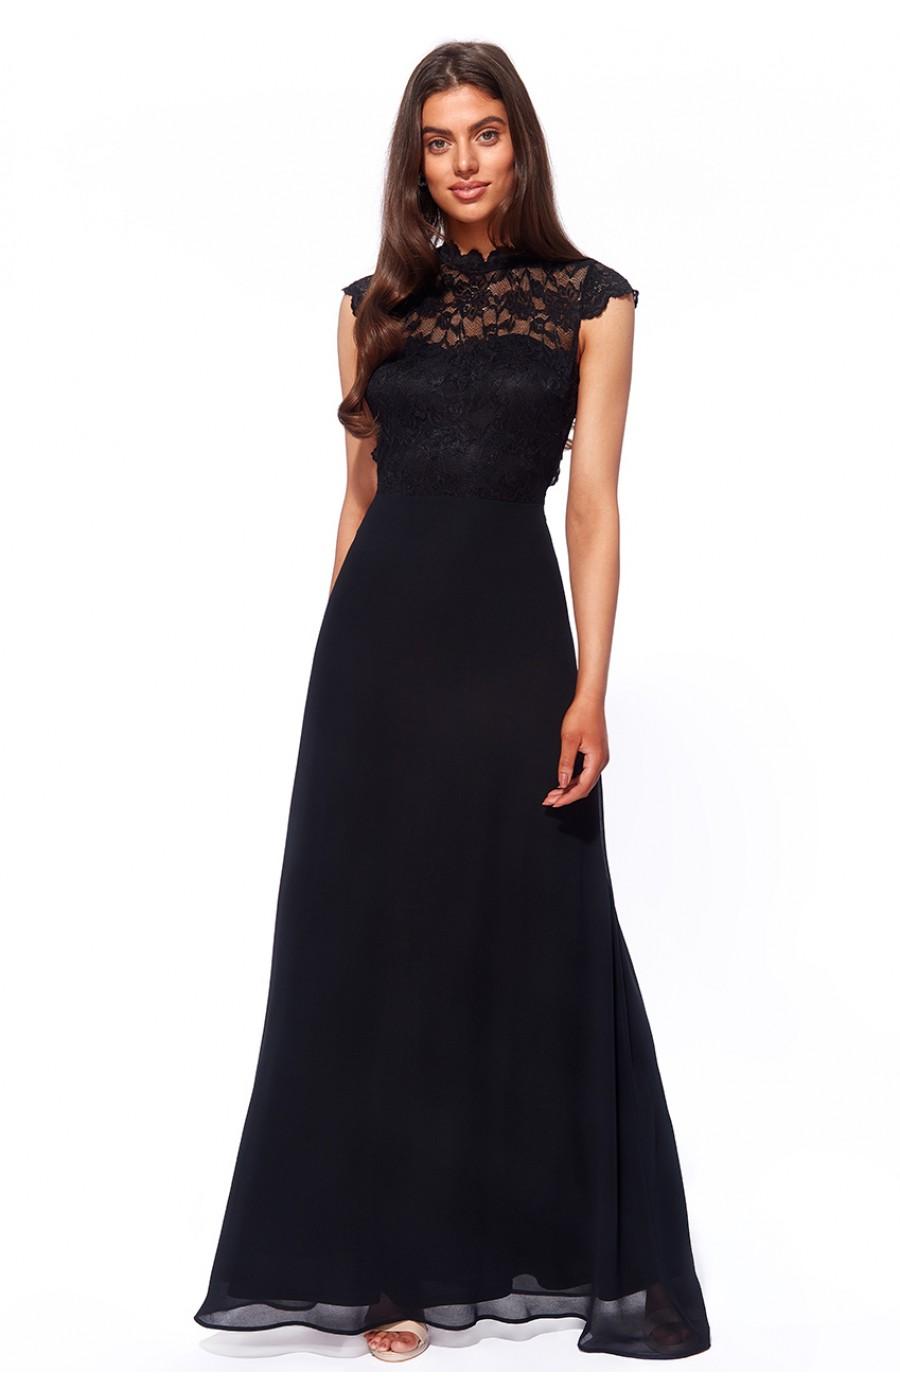 Μακρύ ανάλαφρο σιφόν φόρεμα με μαλακή δαντέλα και ανοικτή πλάτη